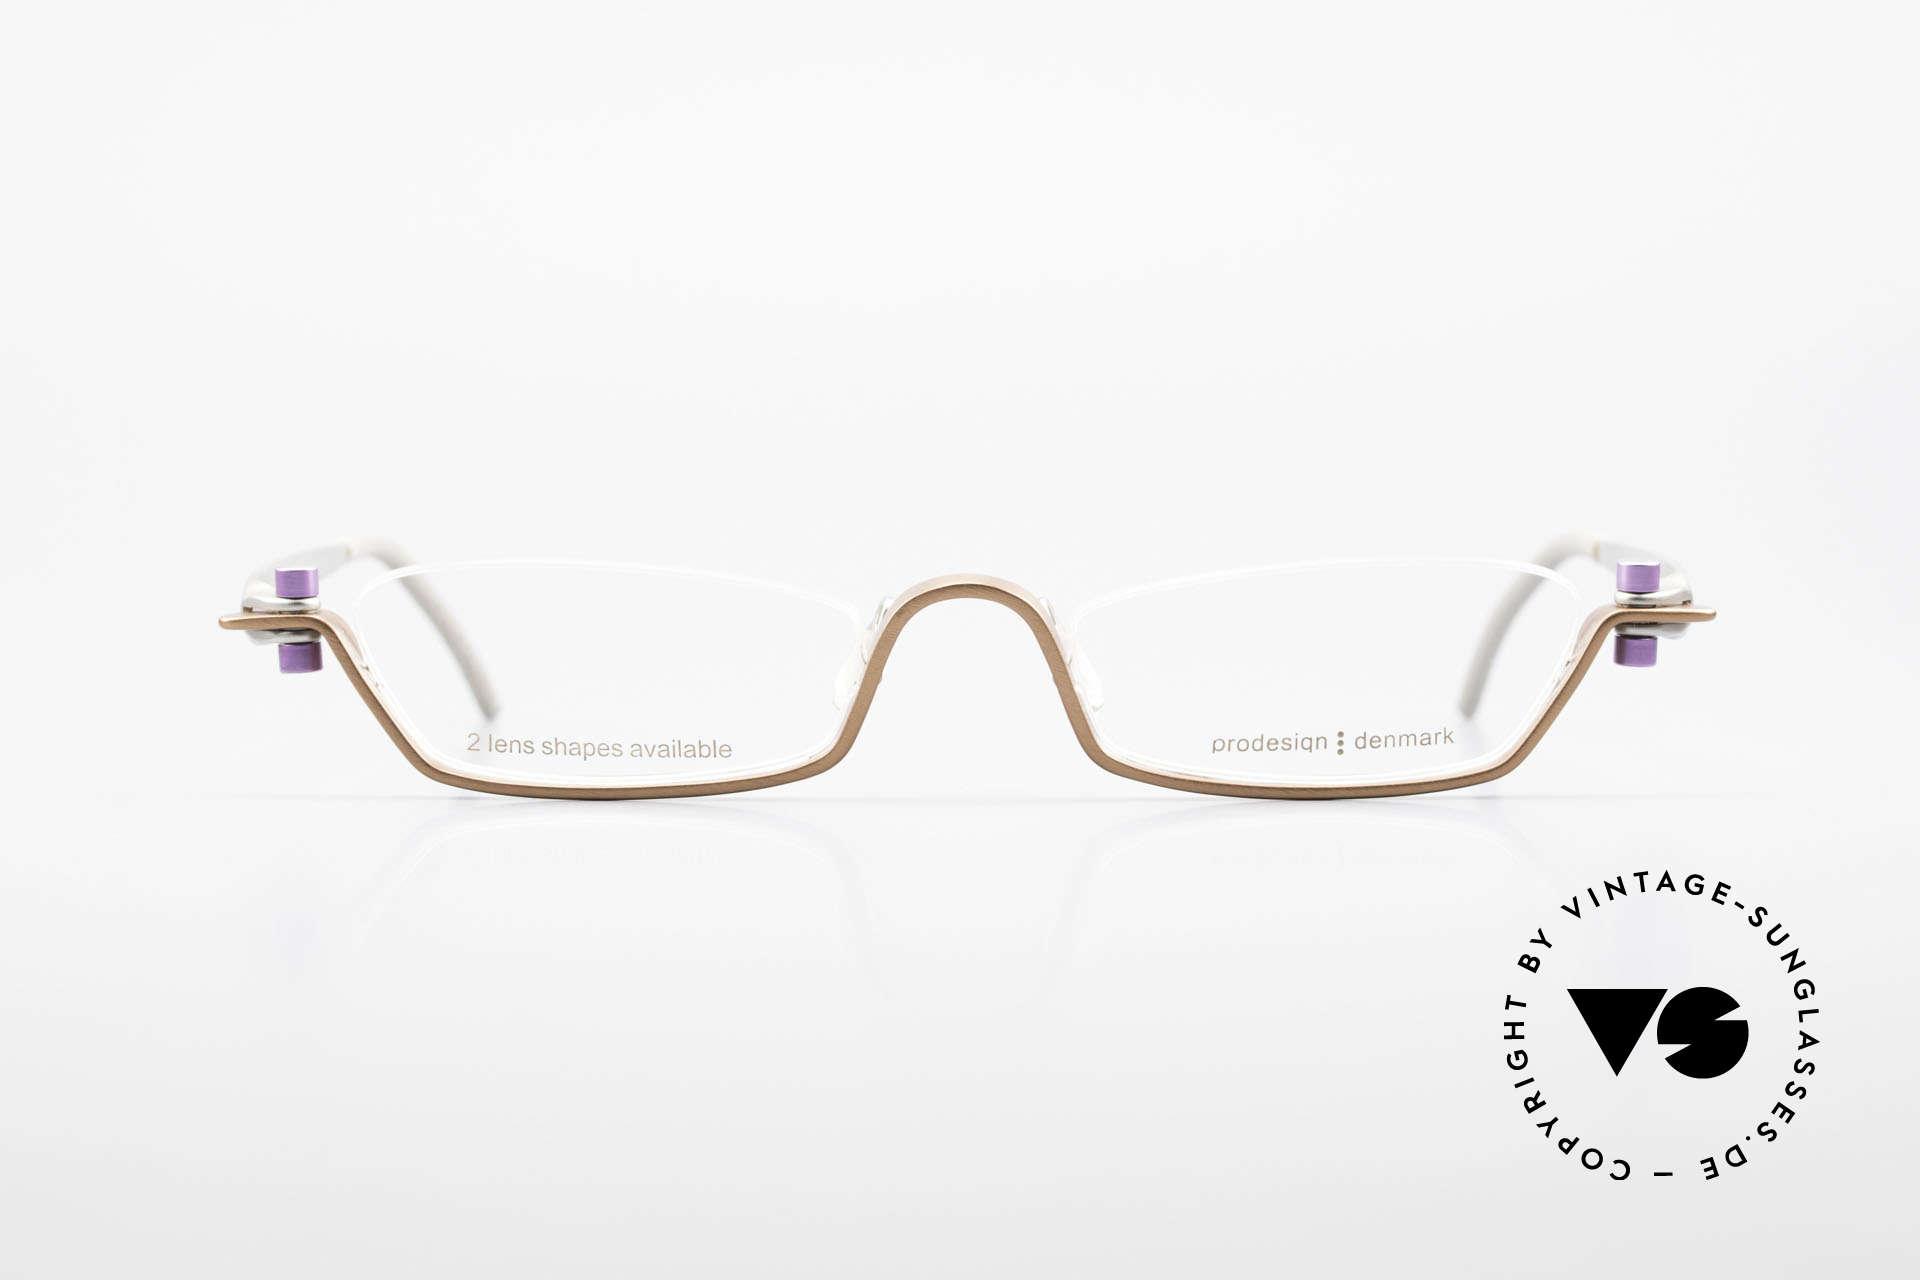 ProDesign 9901 Gail Spence Design Eyeglasses, true vintage aluminium frame - Gail Spence Design, Made for Men and Women